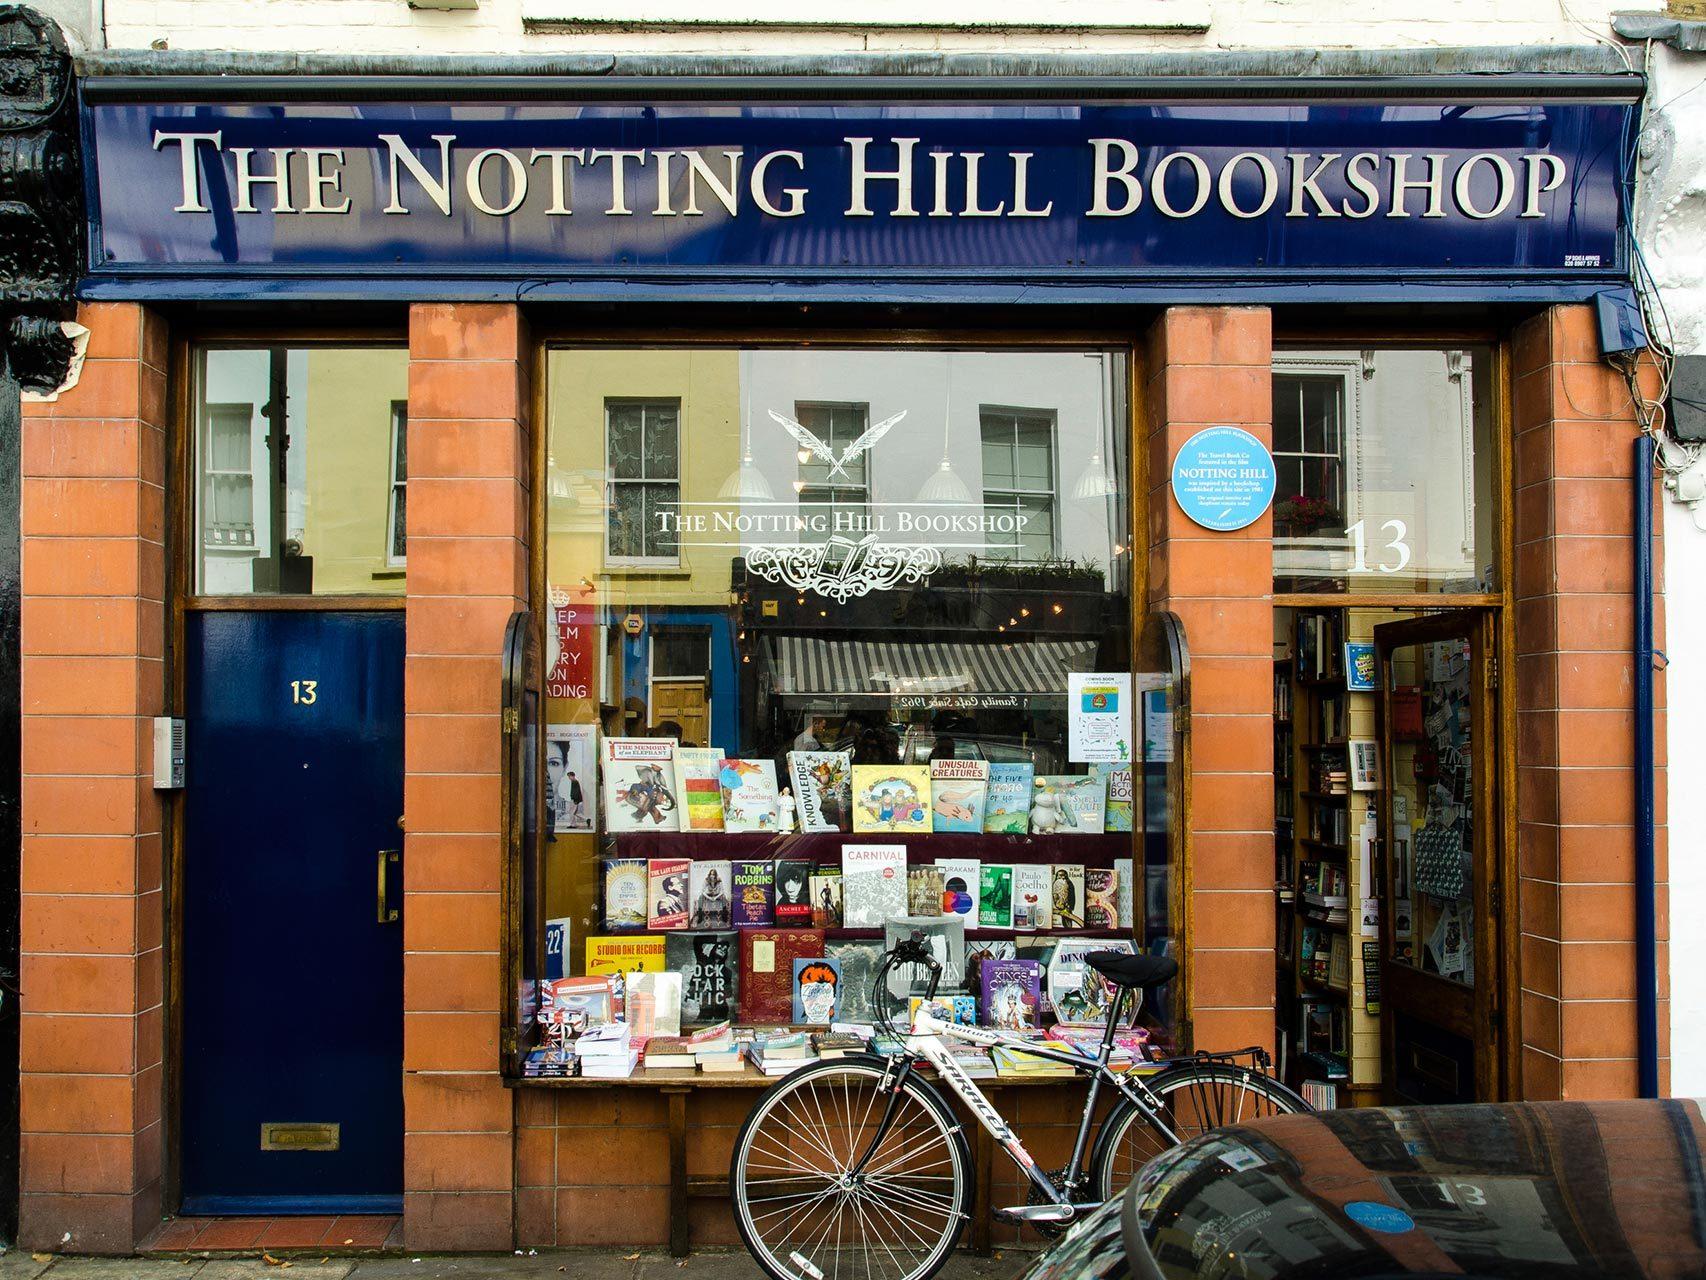 Abajo el wifi y el café: las librerías londinenses contra el mundo moderno